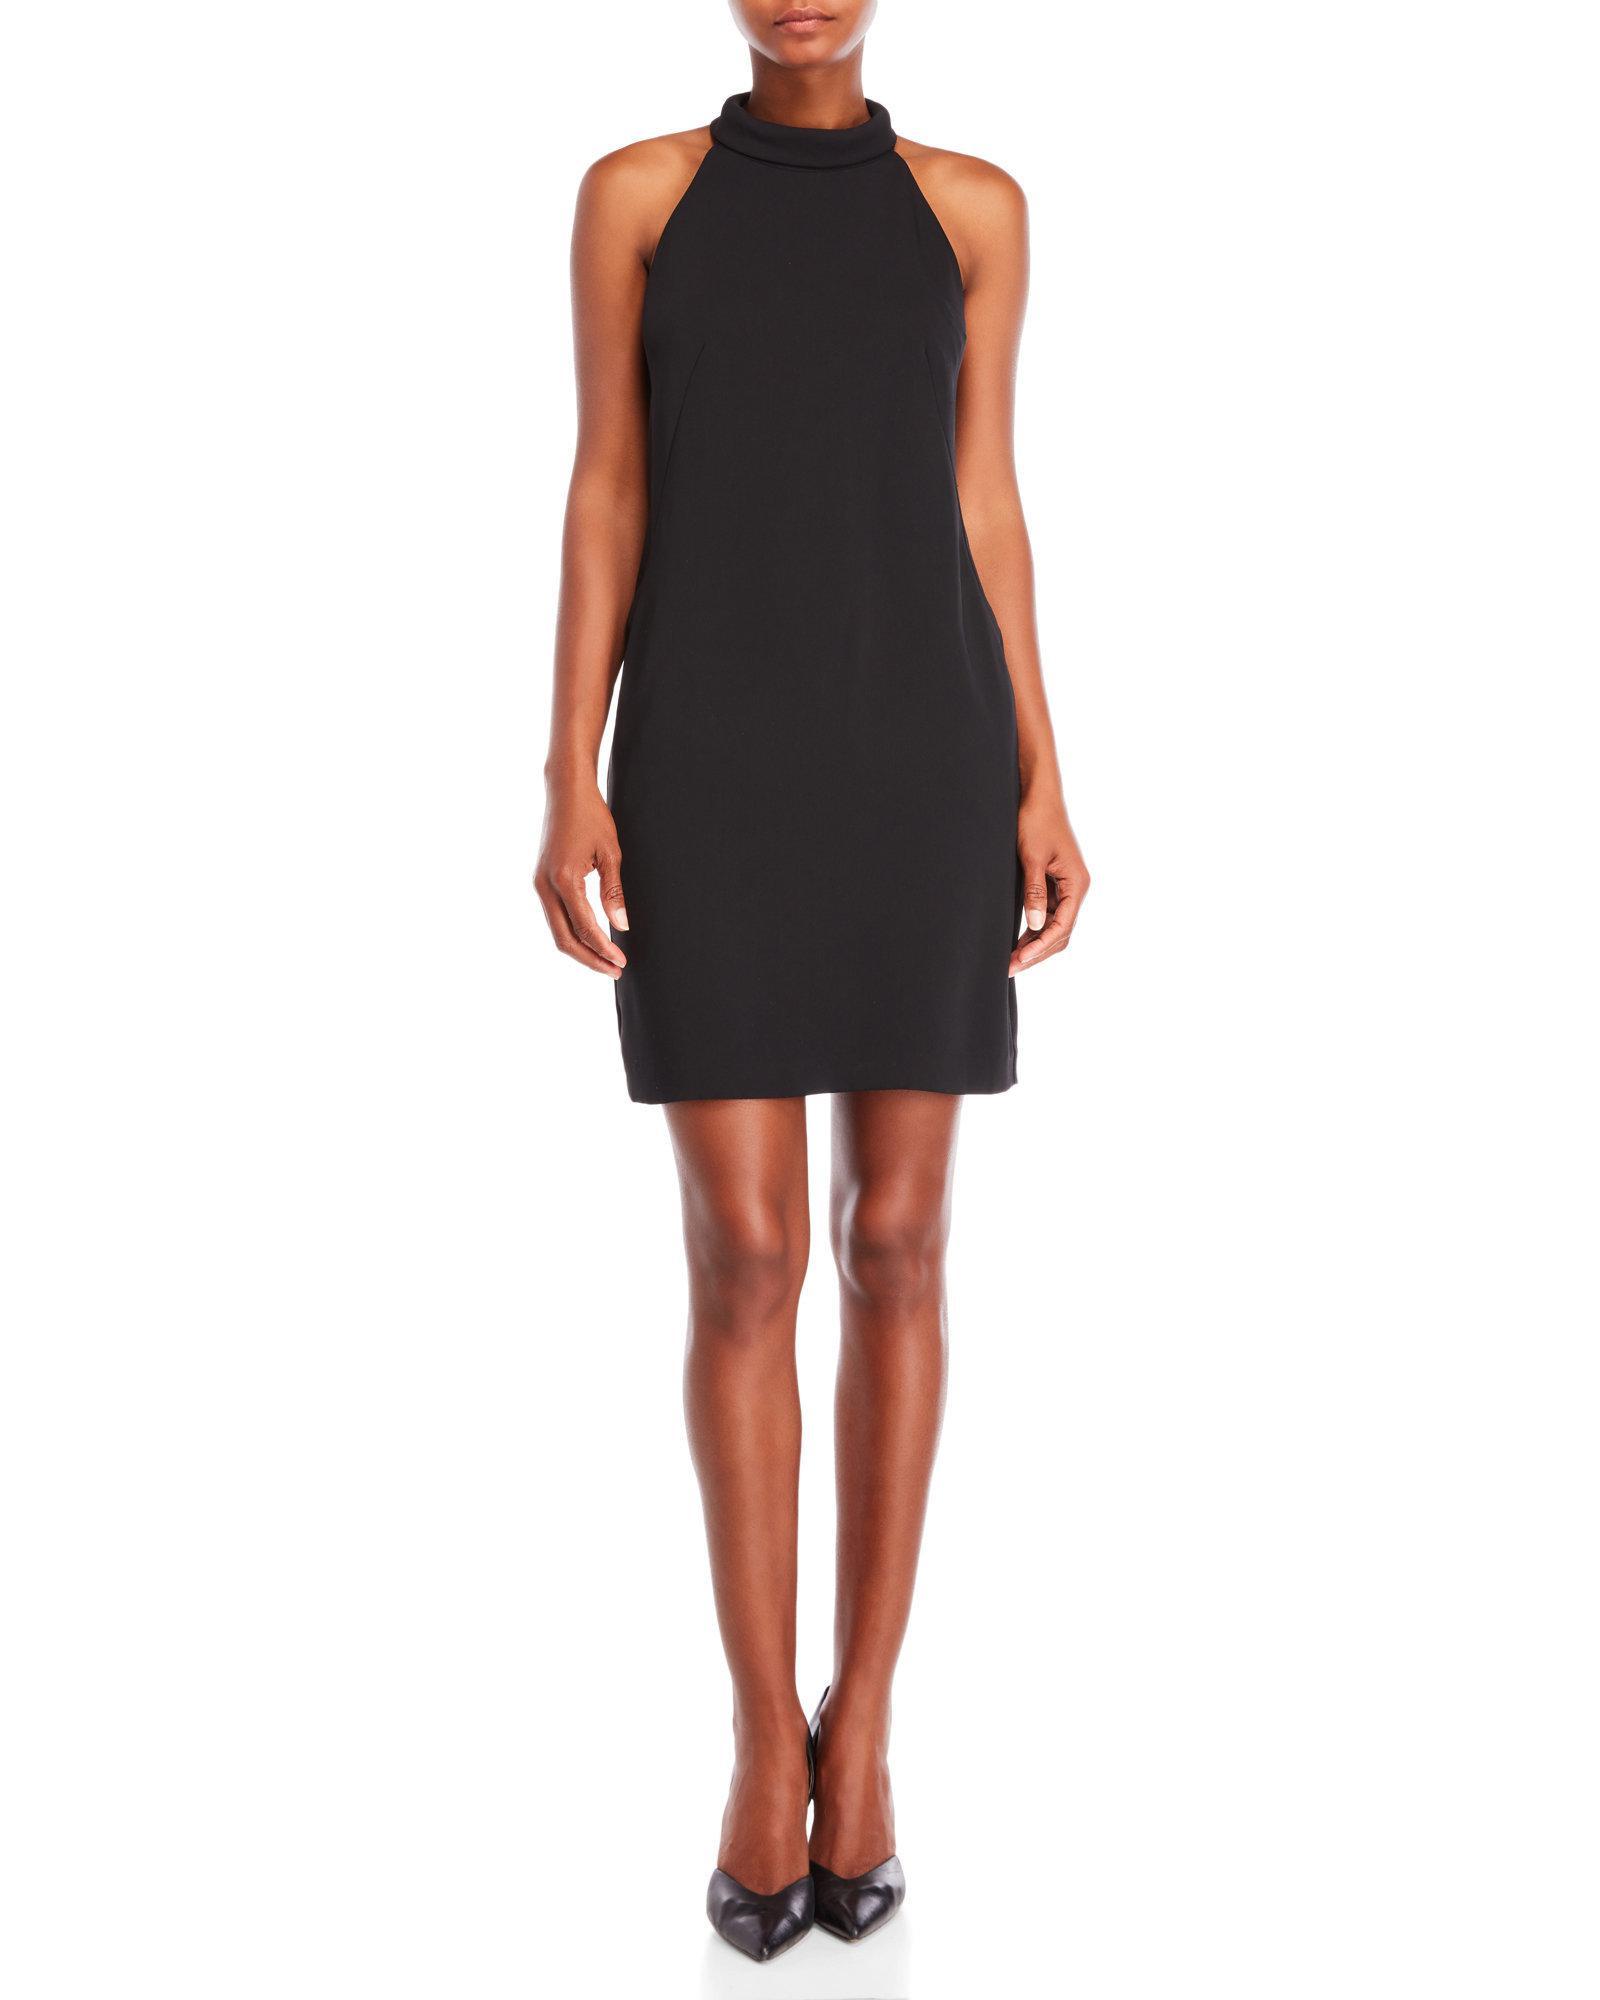 e1854154178 Lyst - Reiss Black Venice Open Back Dress in Black